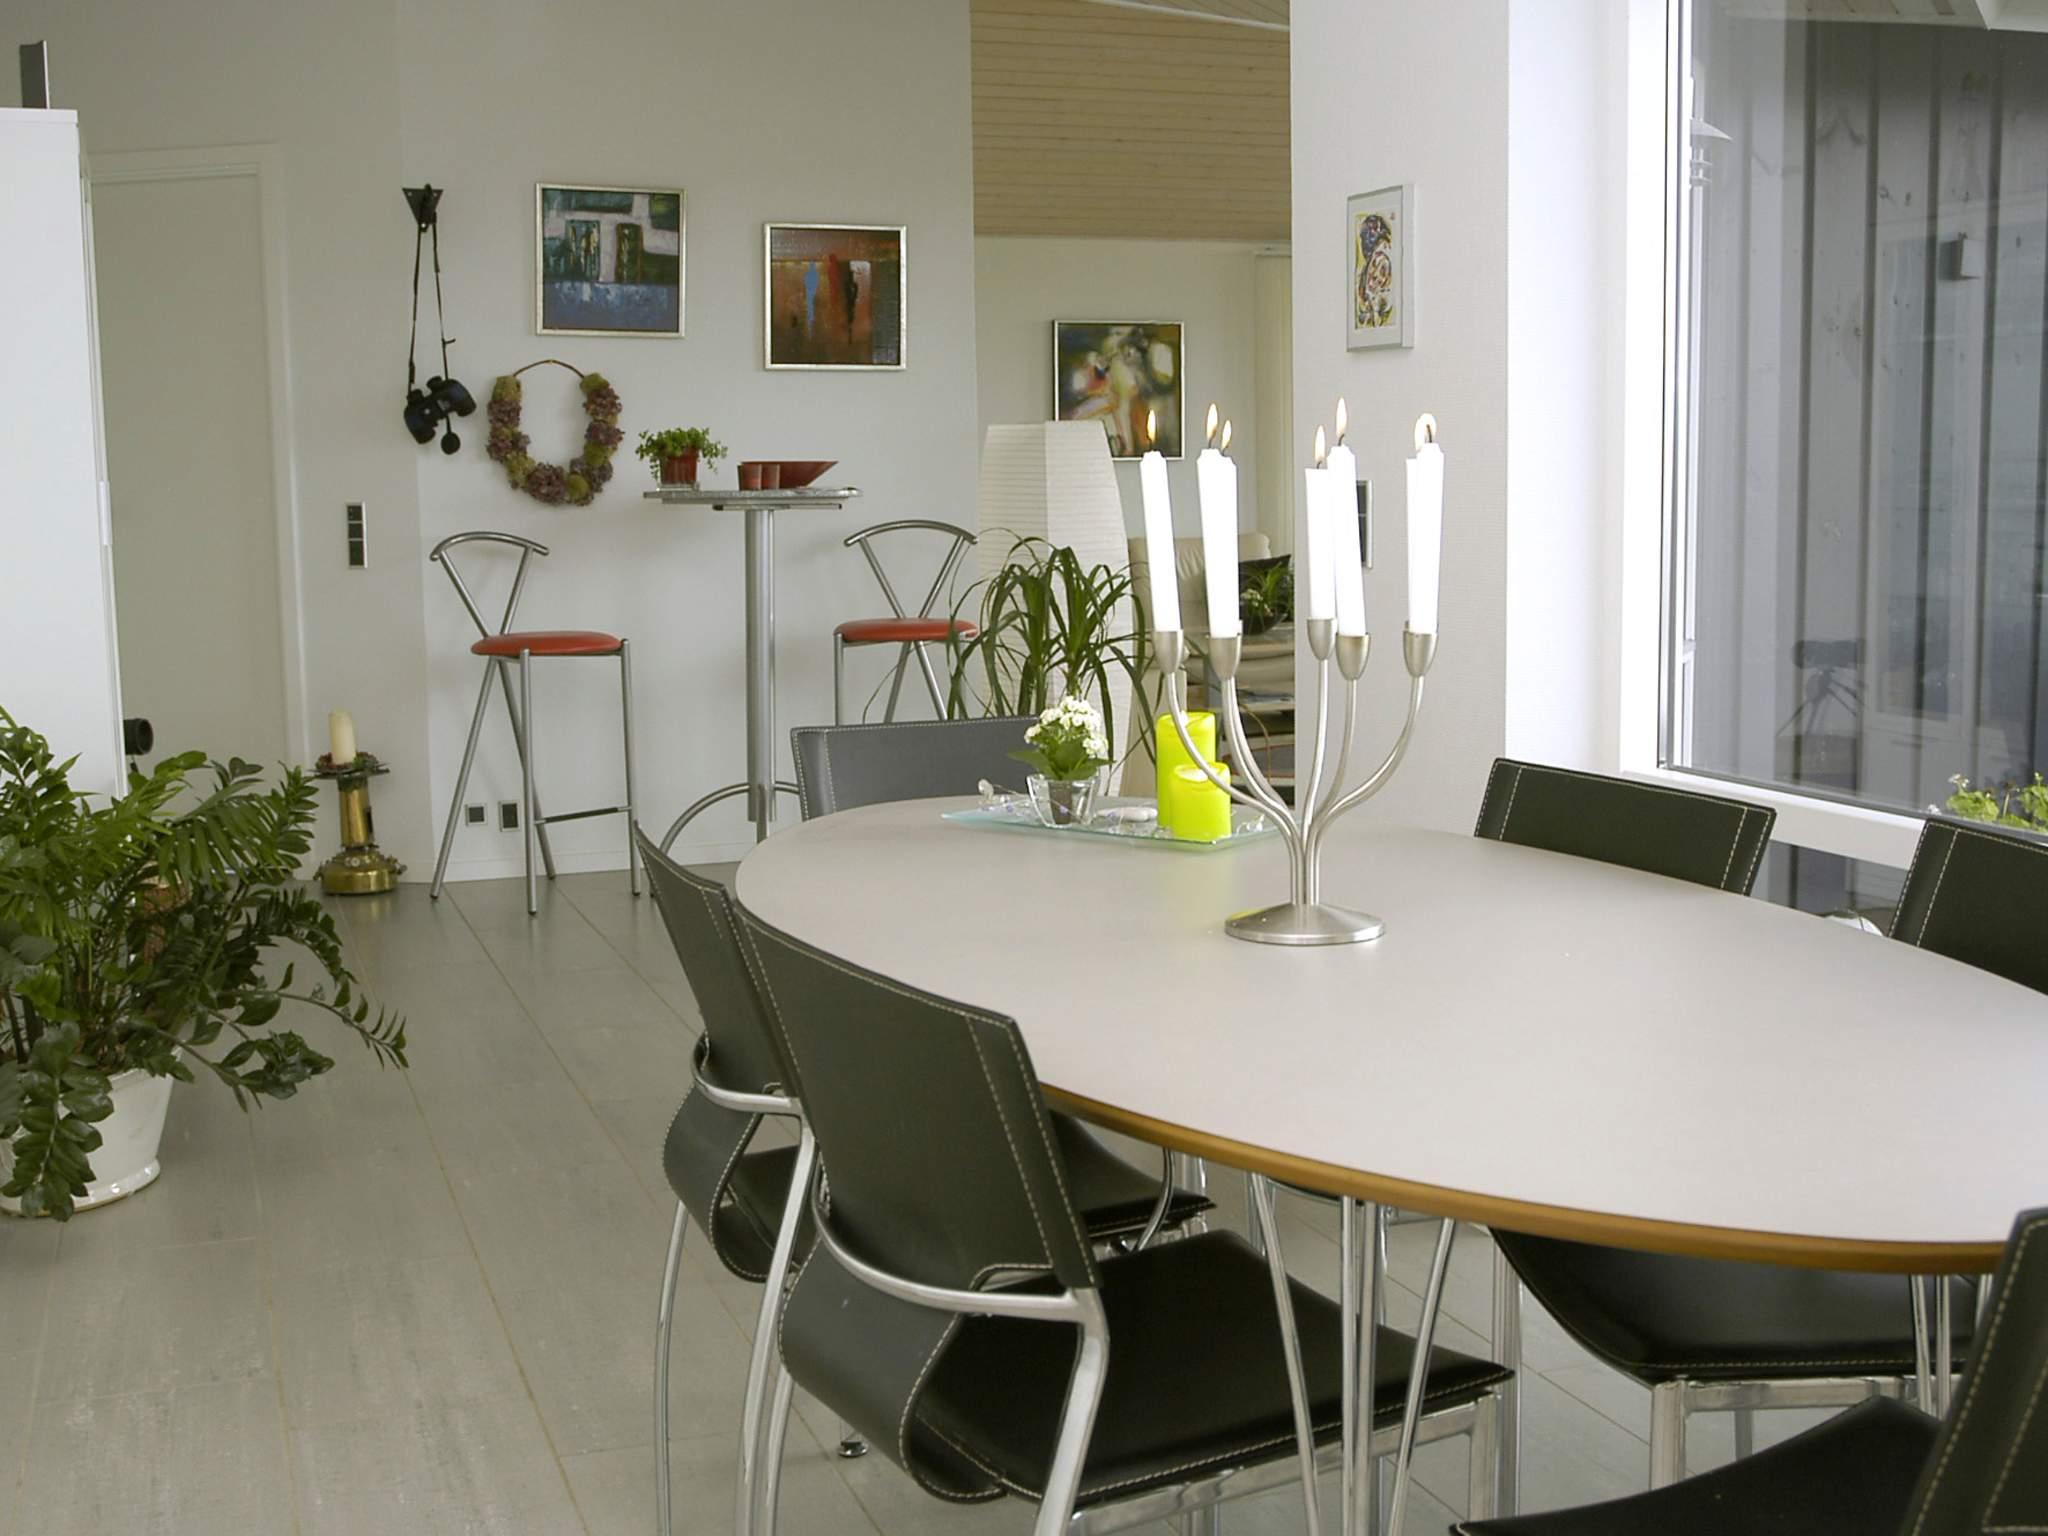 Maison de vacances Horne (441793), Horne, , Fionie, Danemark, image 6